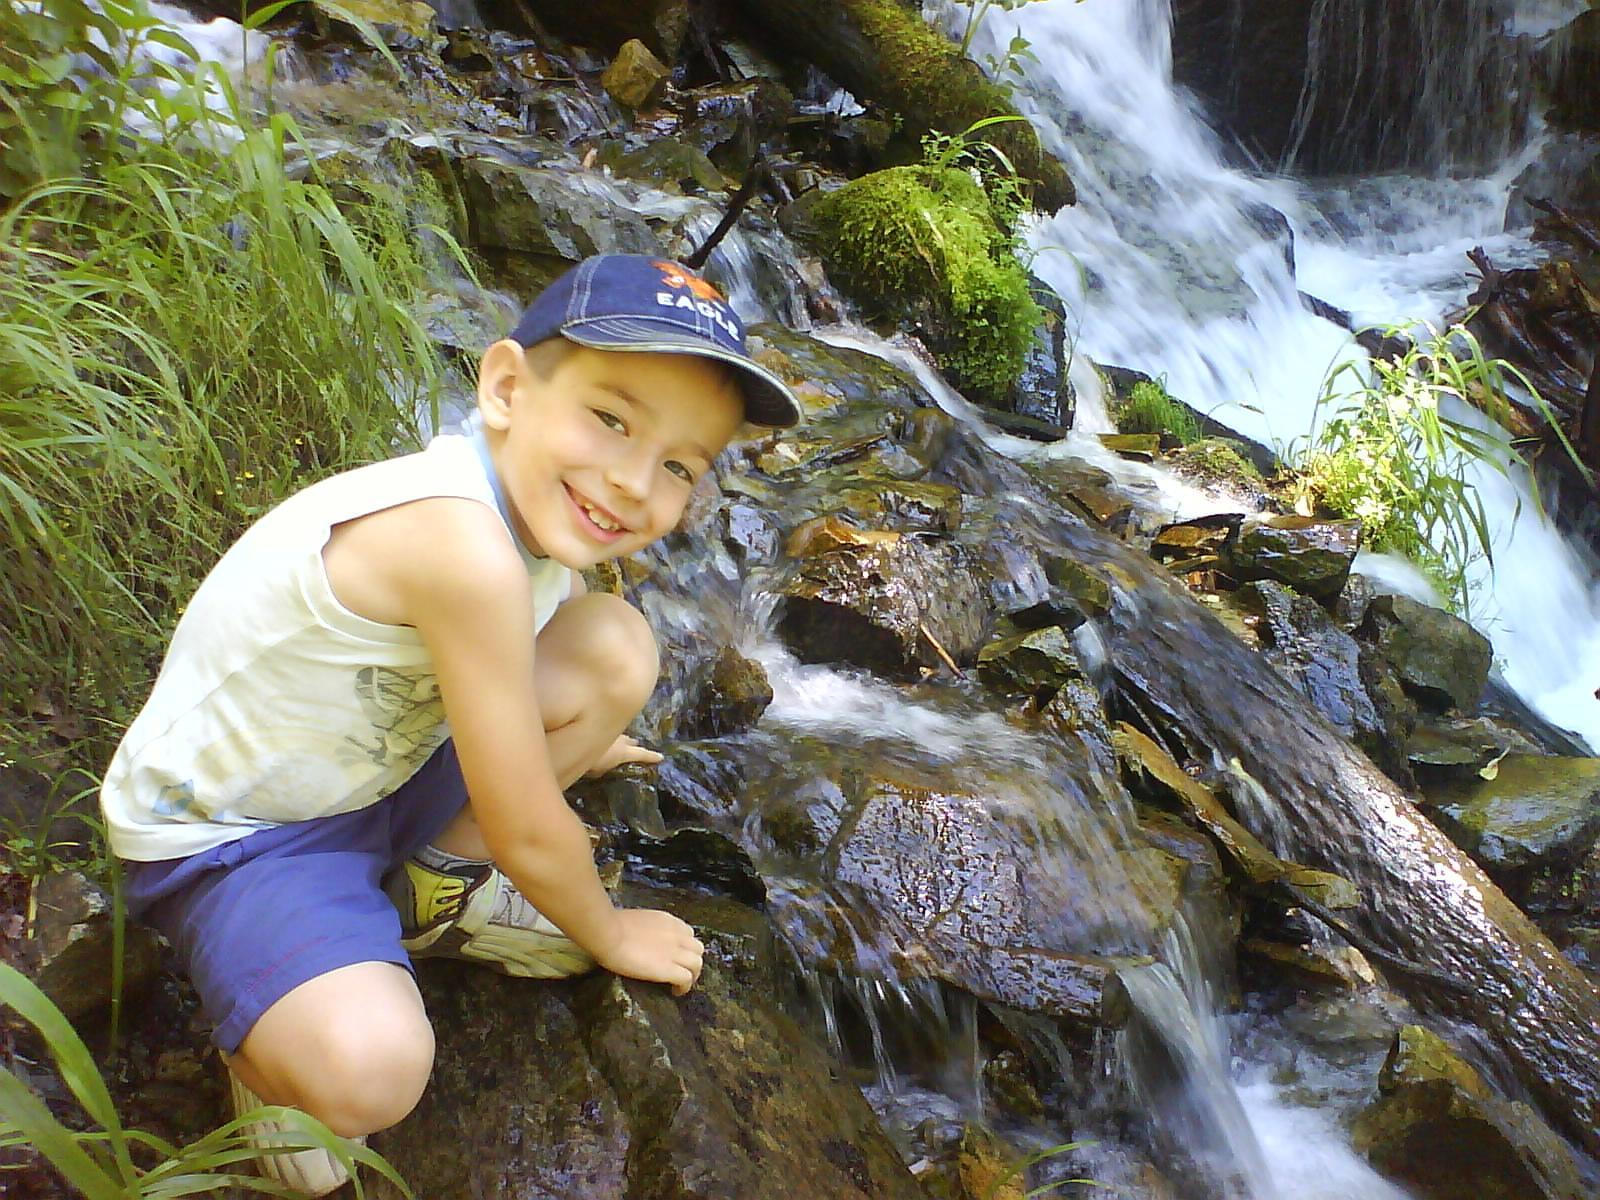 Кирилл у горного ручья . Закрытое голосование фотоконкурса 'Выходные на природе'